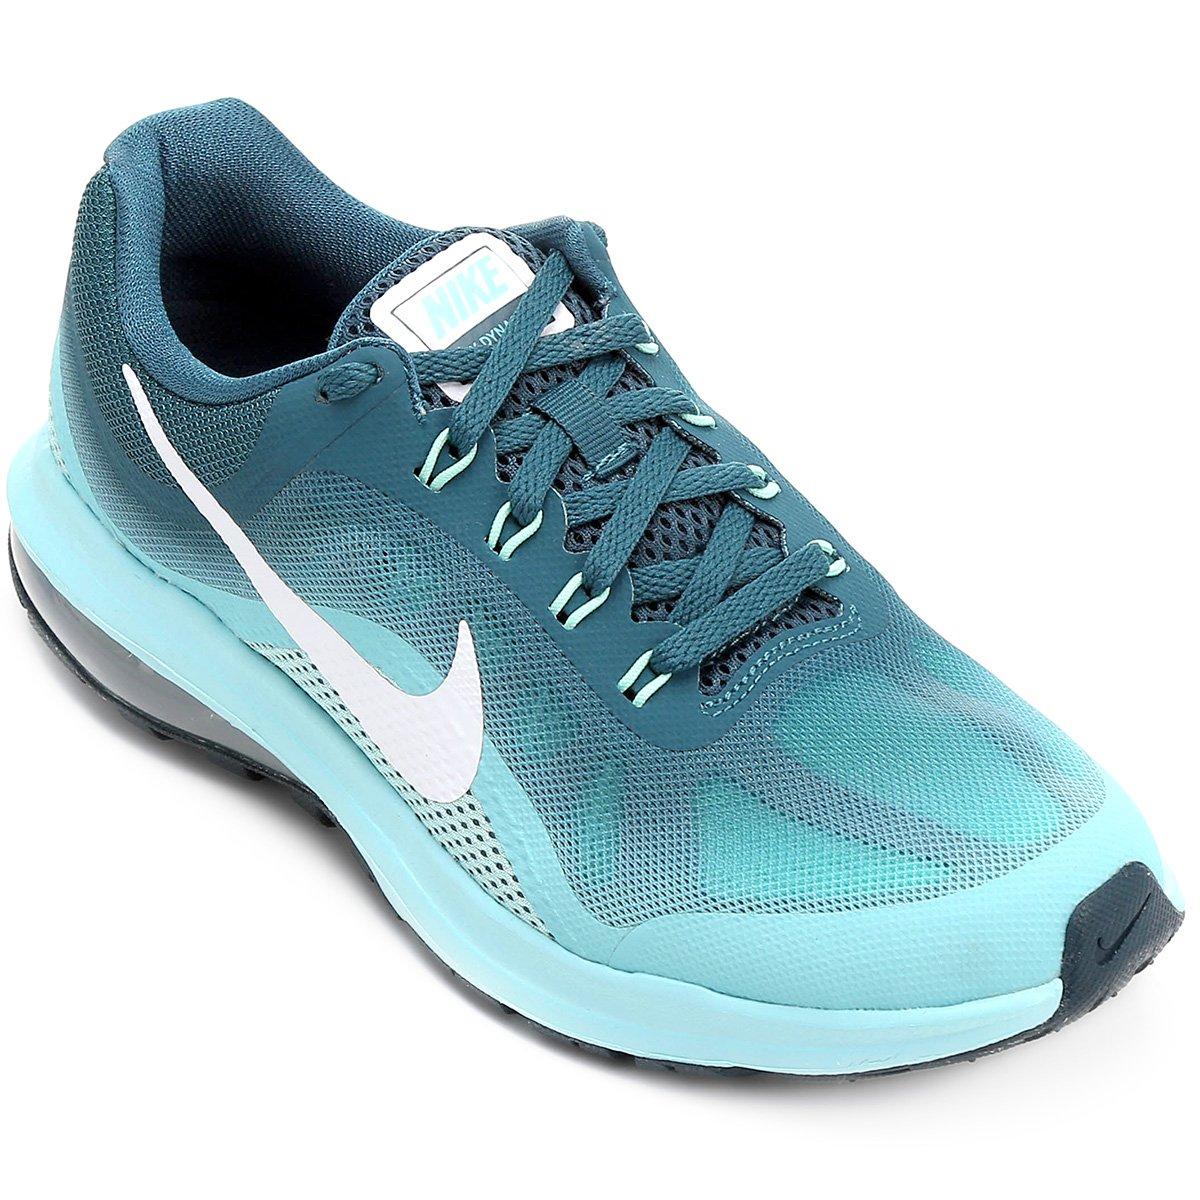 Tênis Nike Air Max Dynasty 2 Feminino - Azul Piscina - Compre Agora ... 8b284ef418b1b